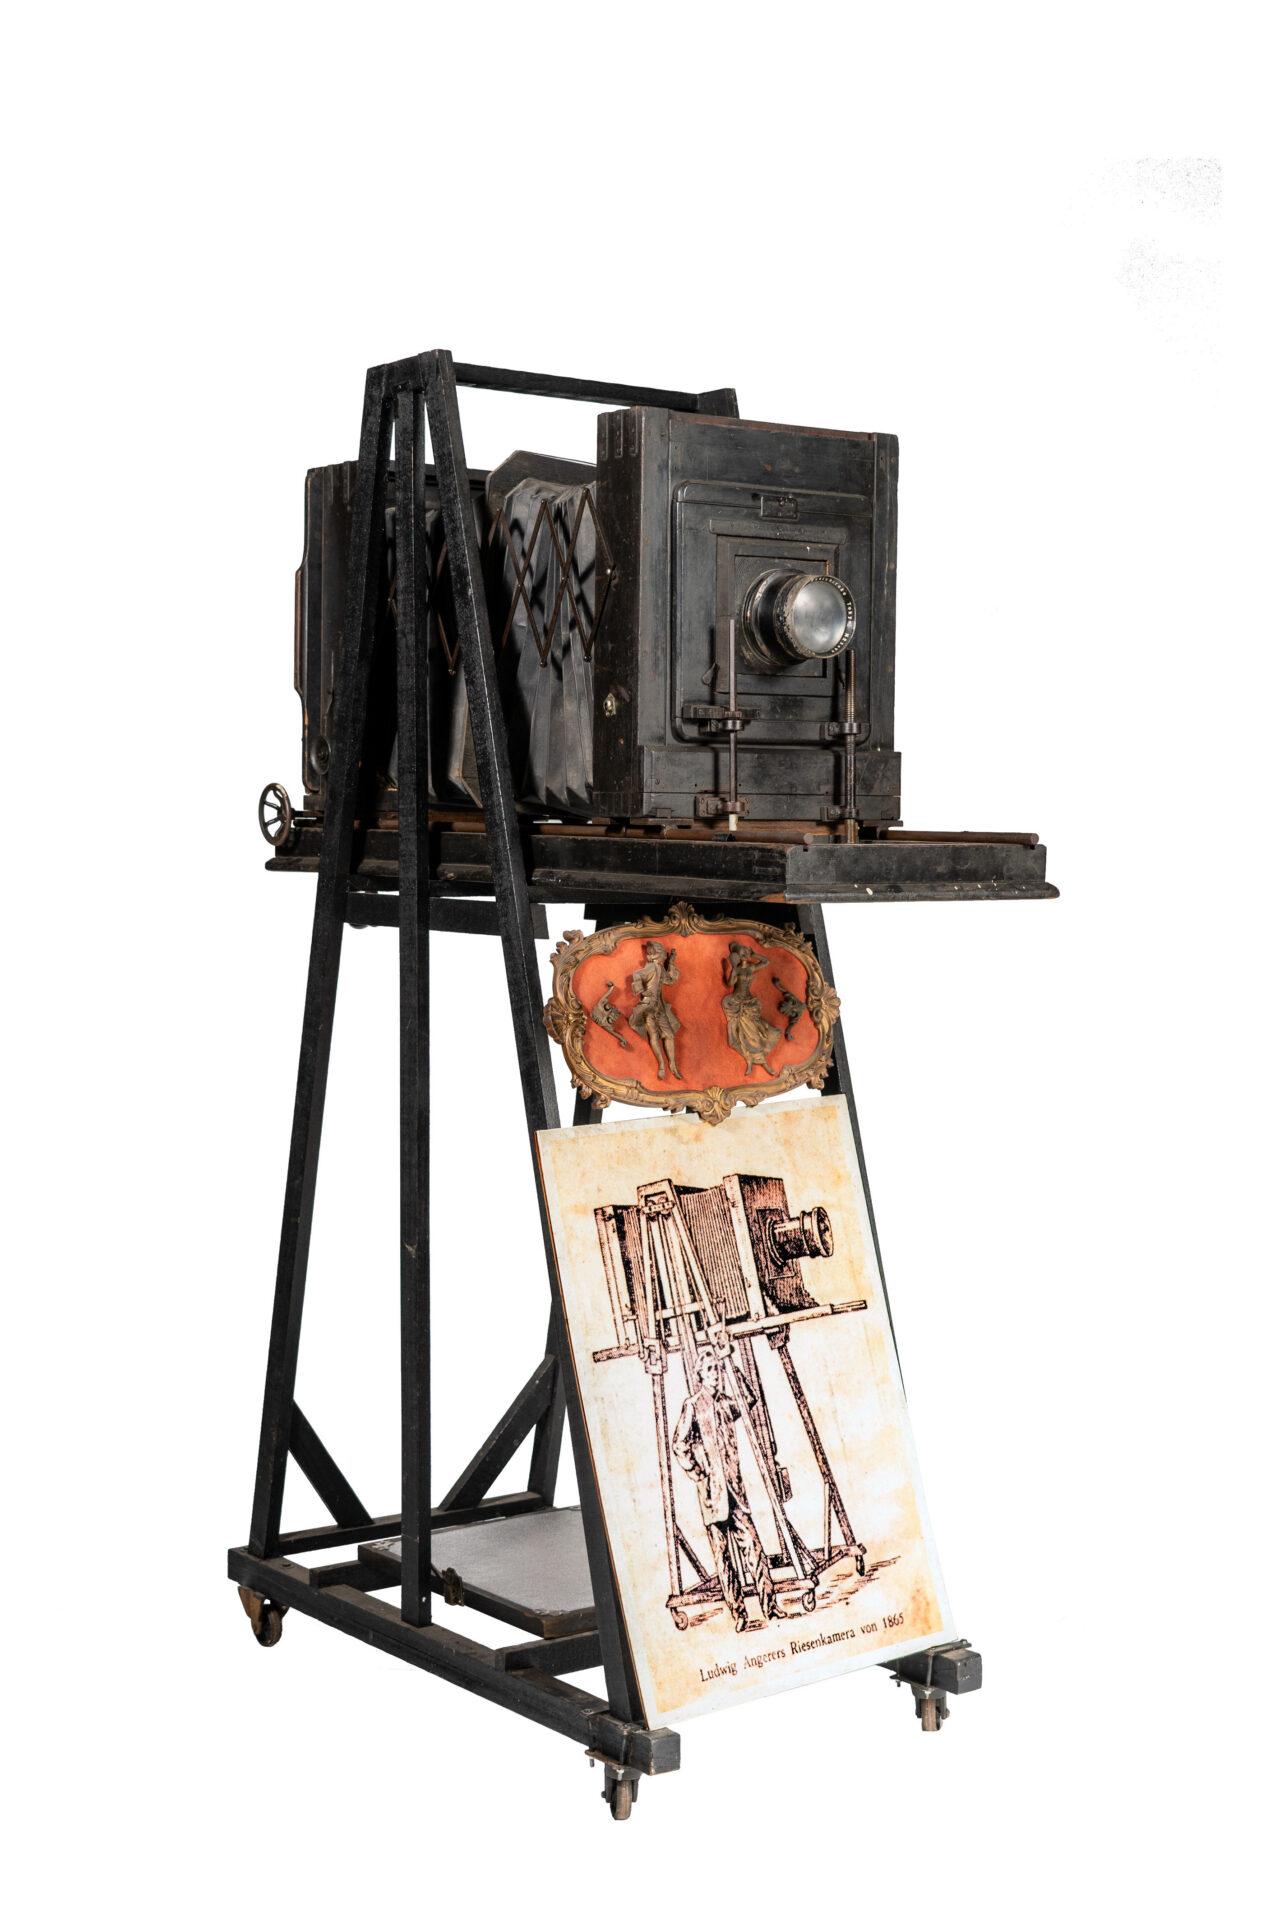 國立科學工藝博物館:2020/10/01-2021/01/03【掌握瞬間-底片相機藏品展】